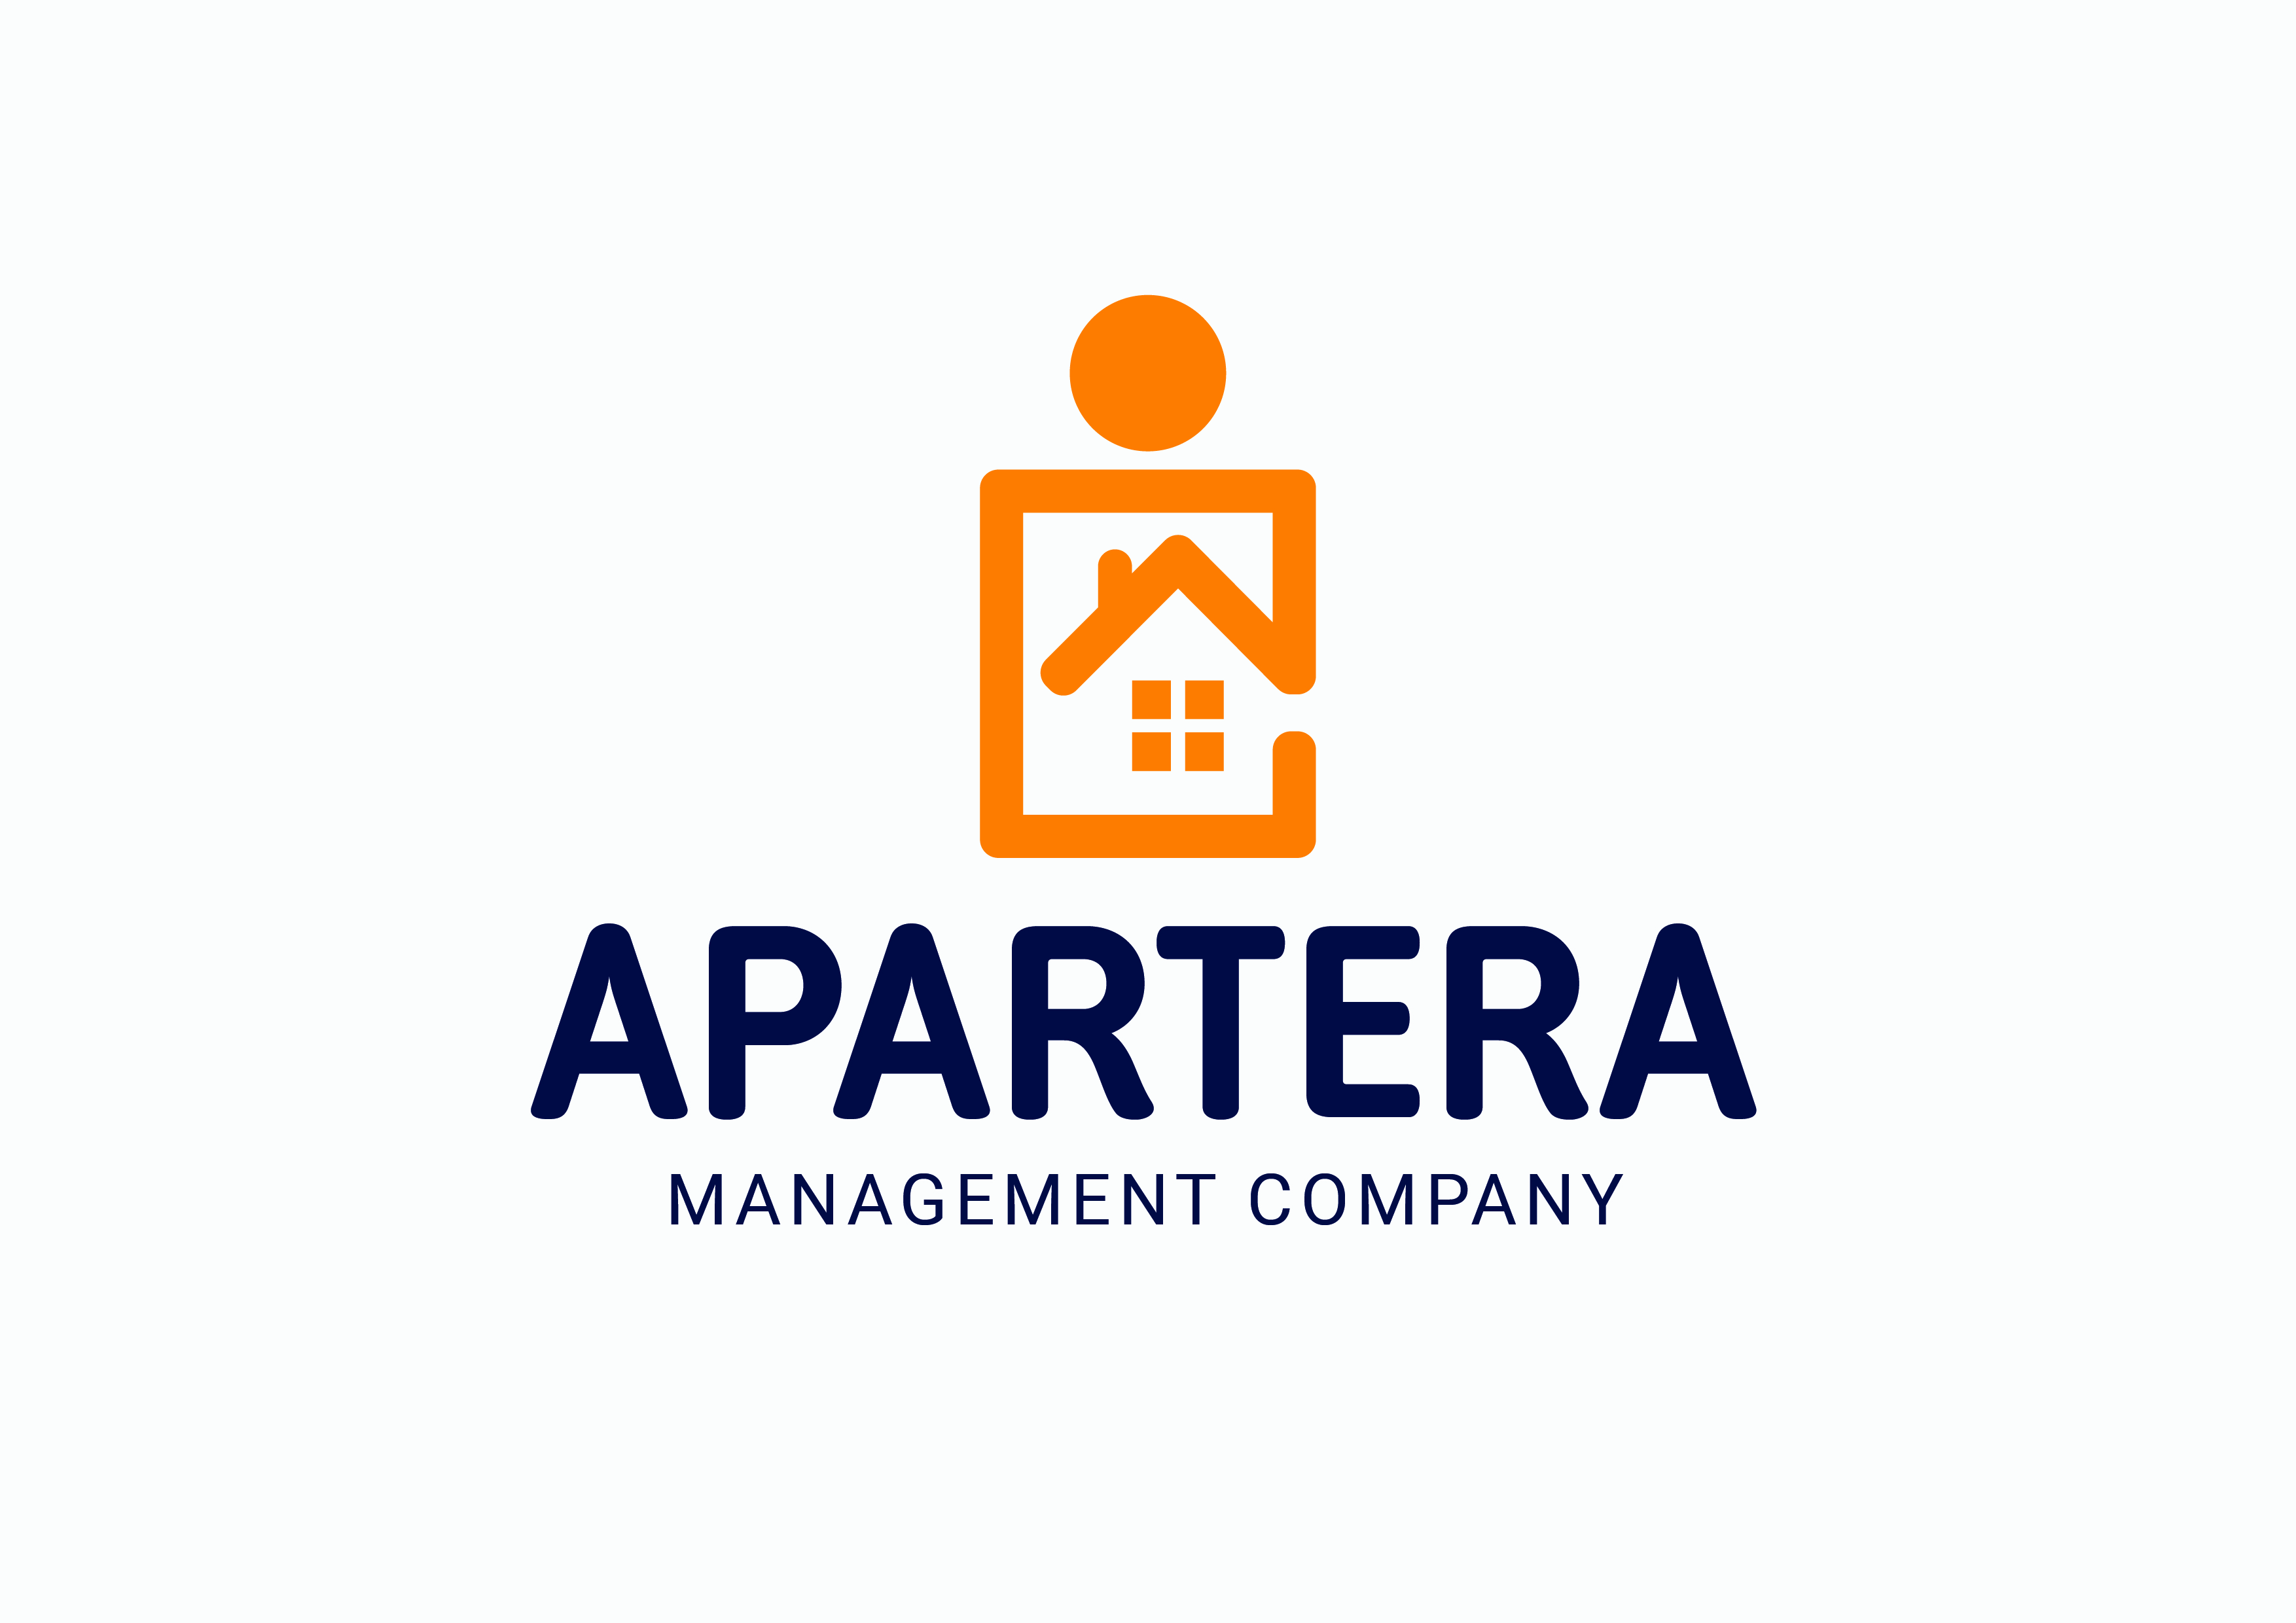 Логотип для управляющей компании  фото f_0335b7fad5294978.jpg